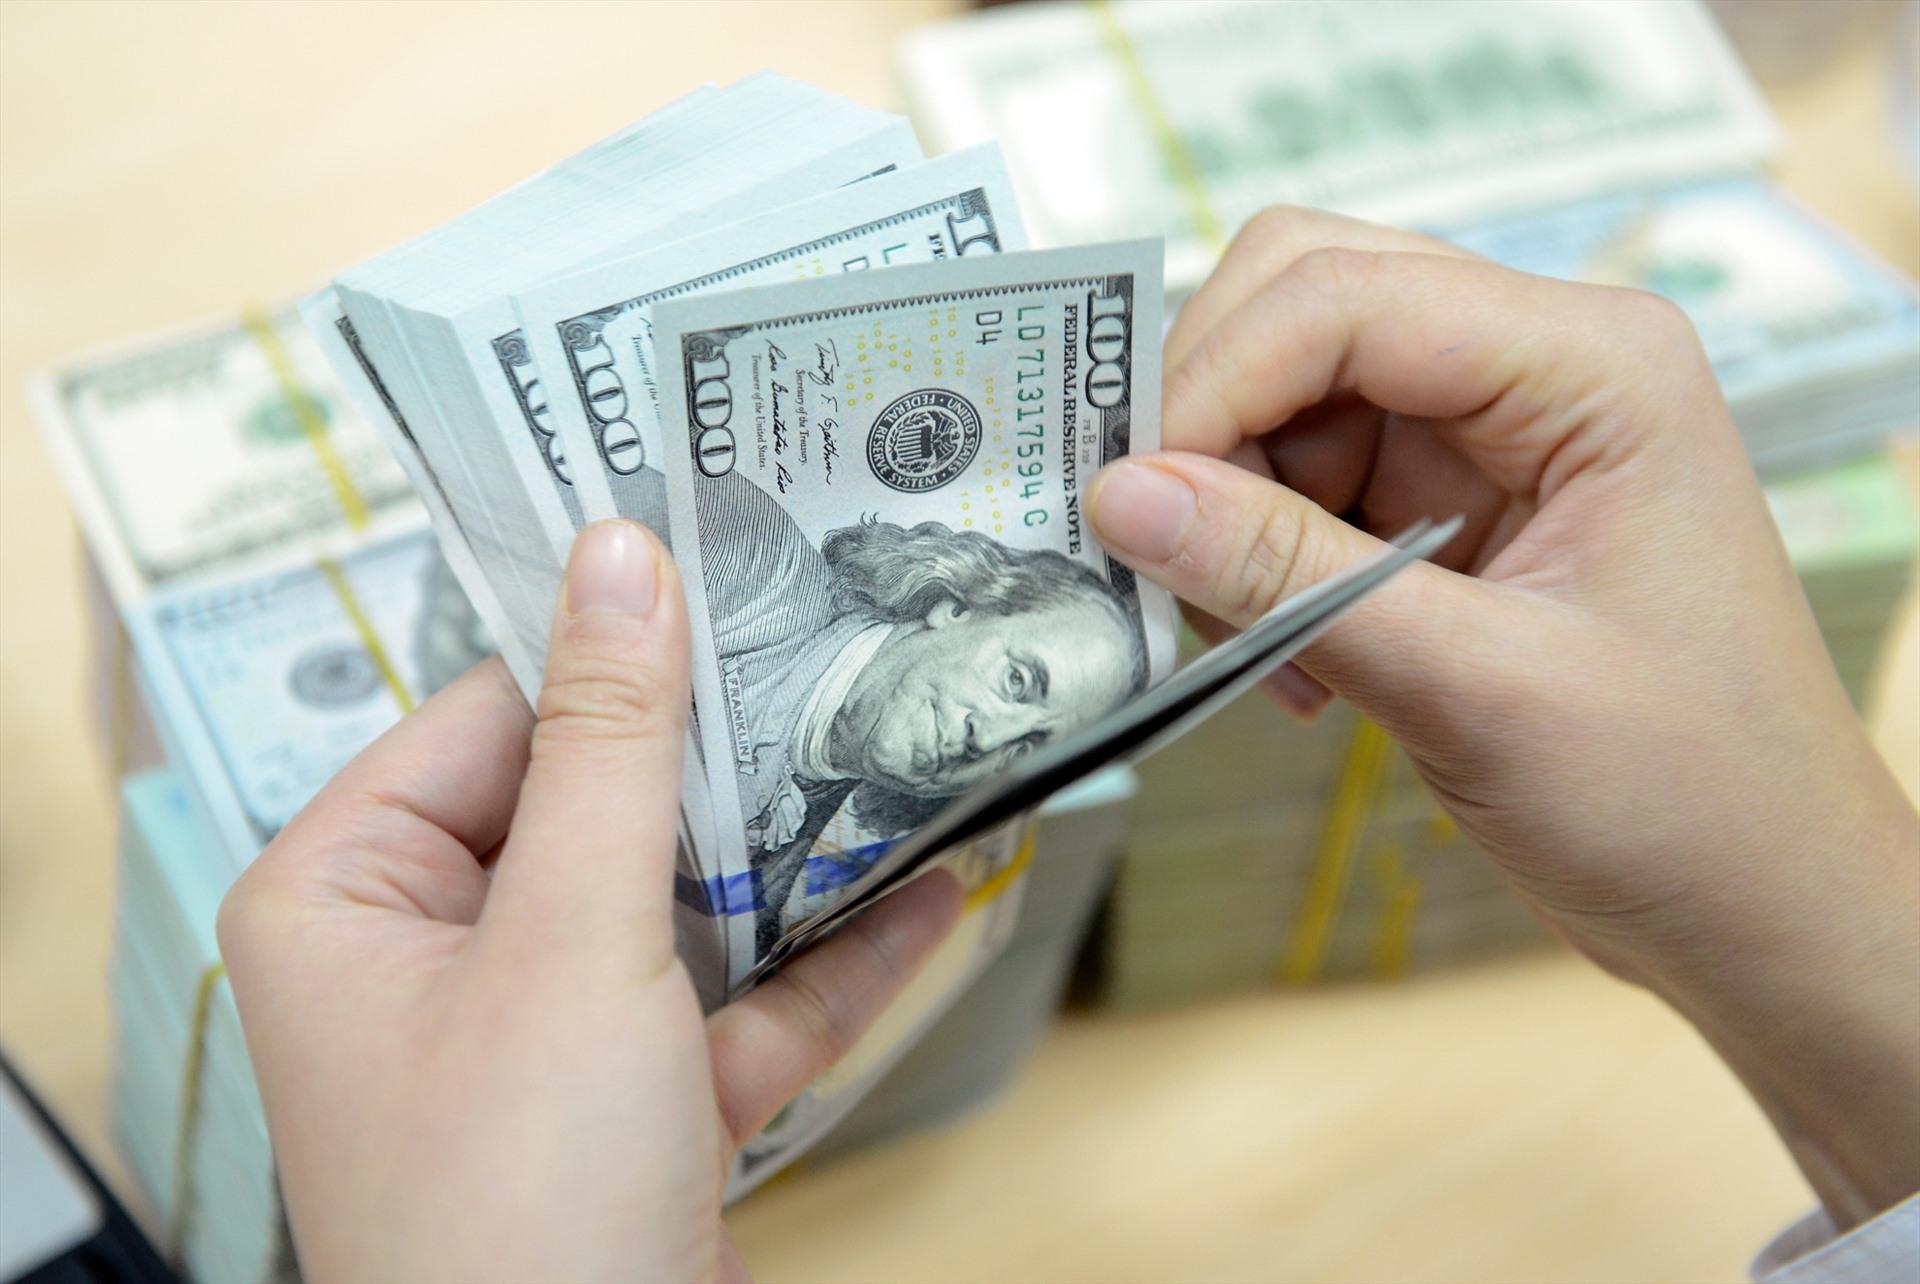 Tỷ giá ngoại tệ 29.3: Áp lực tăng, USD tự do giảm, lo ngại dịch COVID-19